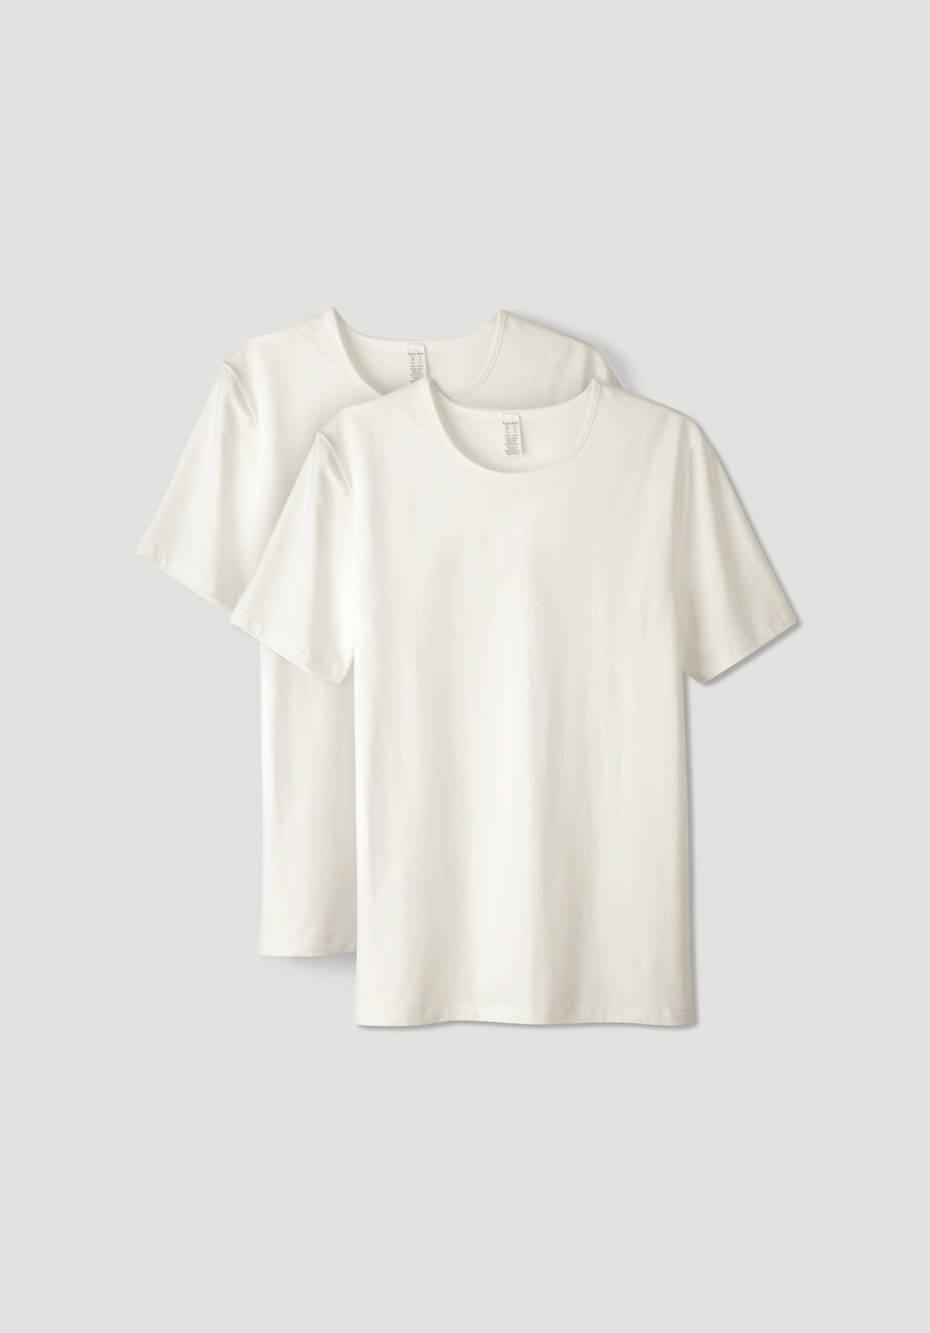 Herren T-Shirt PureLUX im 2er Set aus Bio-Baumwolle